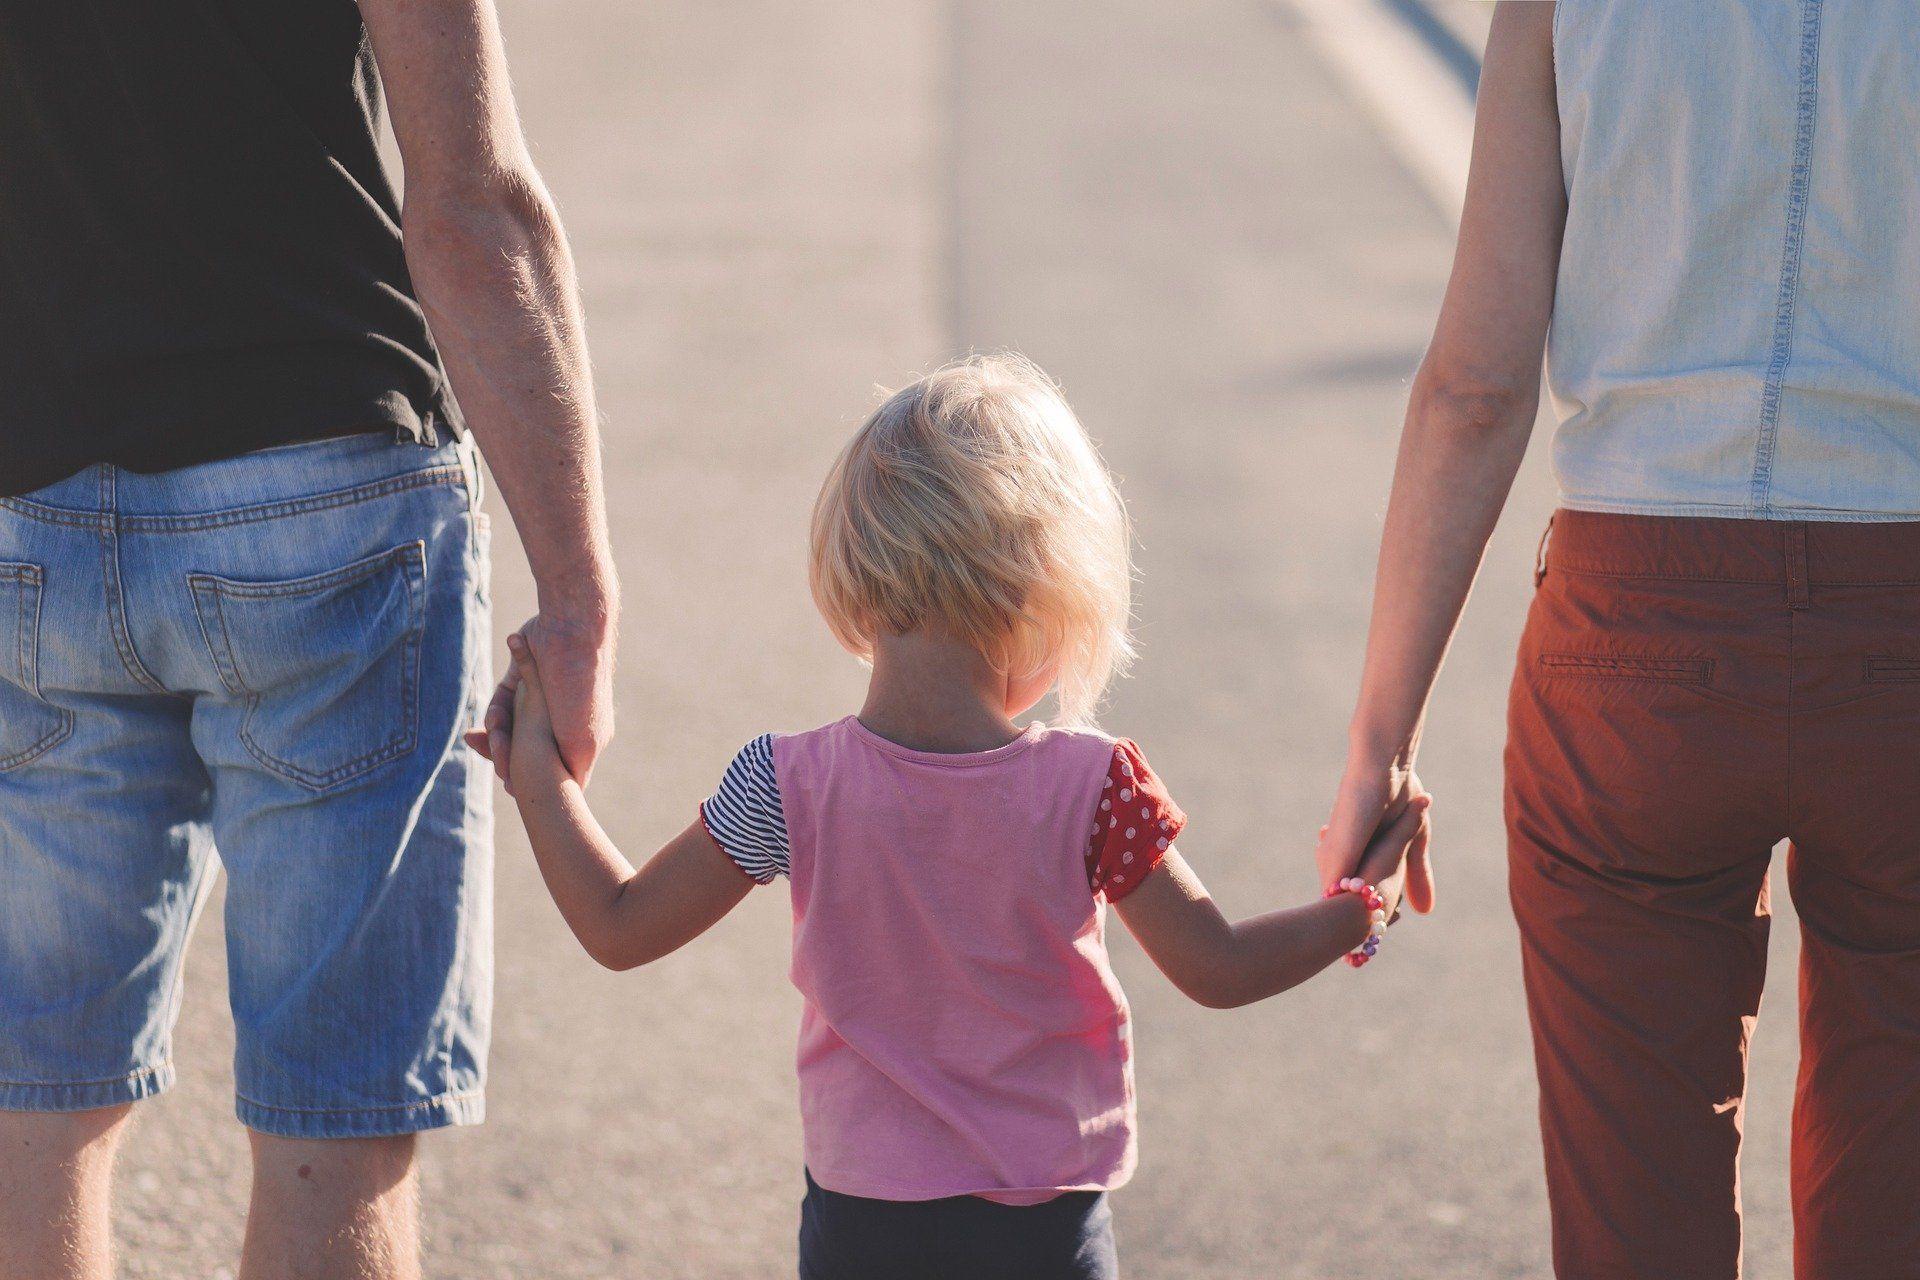 Certains enfants naissent plus sûrs d'eux, plus hardis que d'autres.